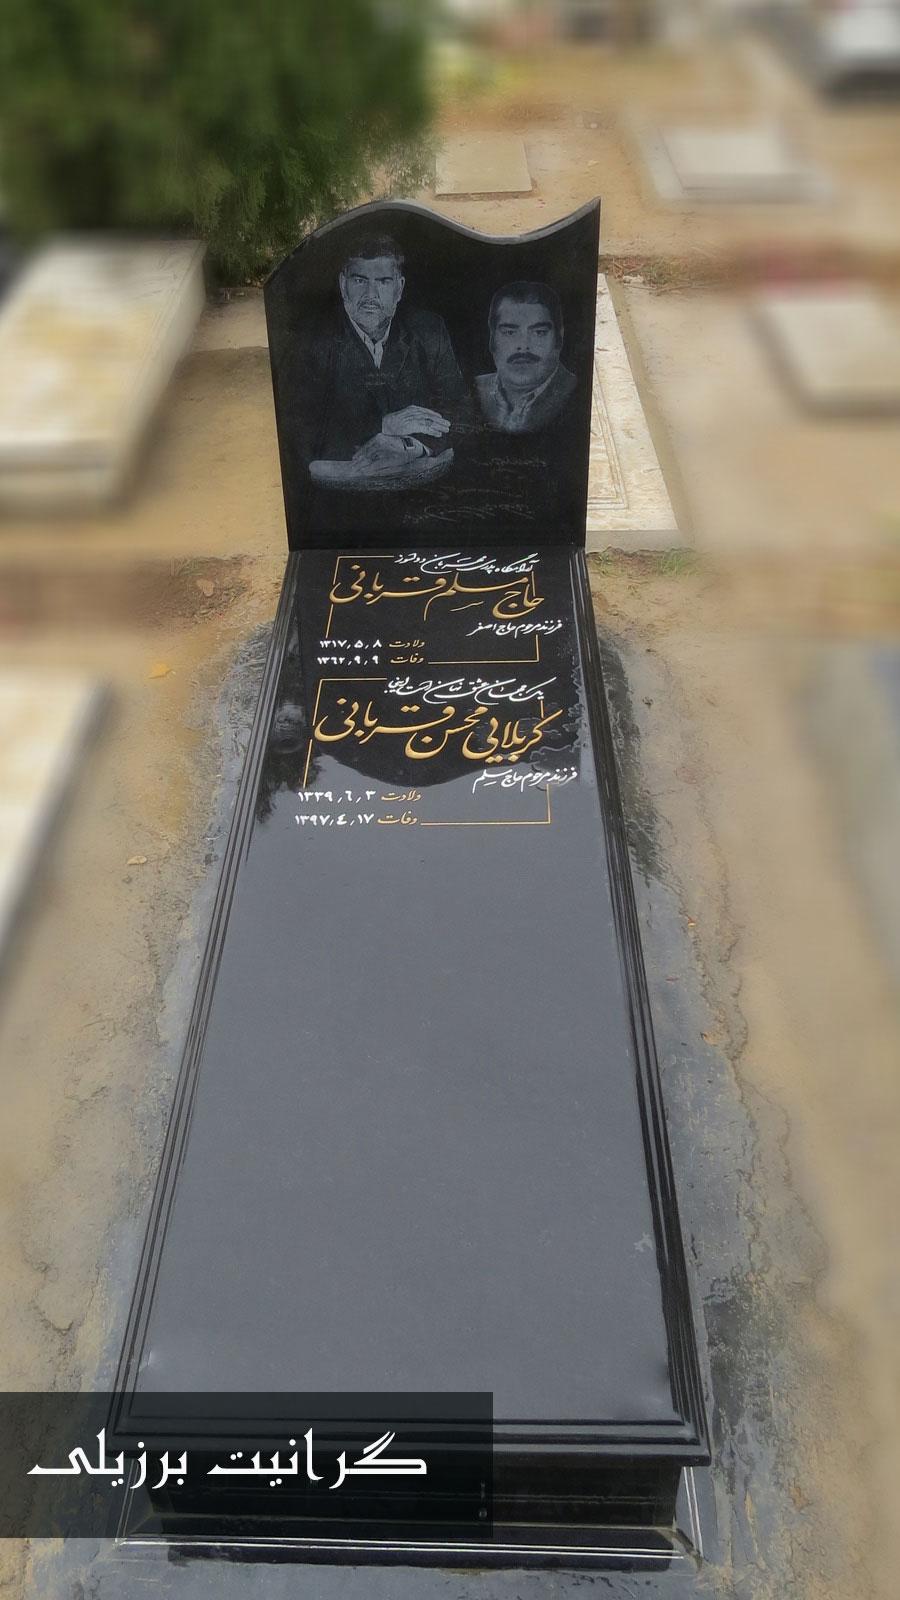 سنگ مزار گرانیت مشکی برزیلی